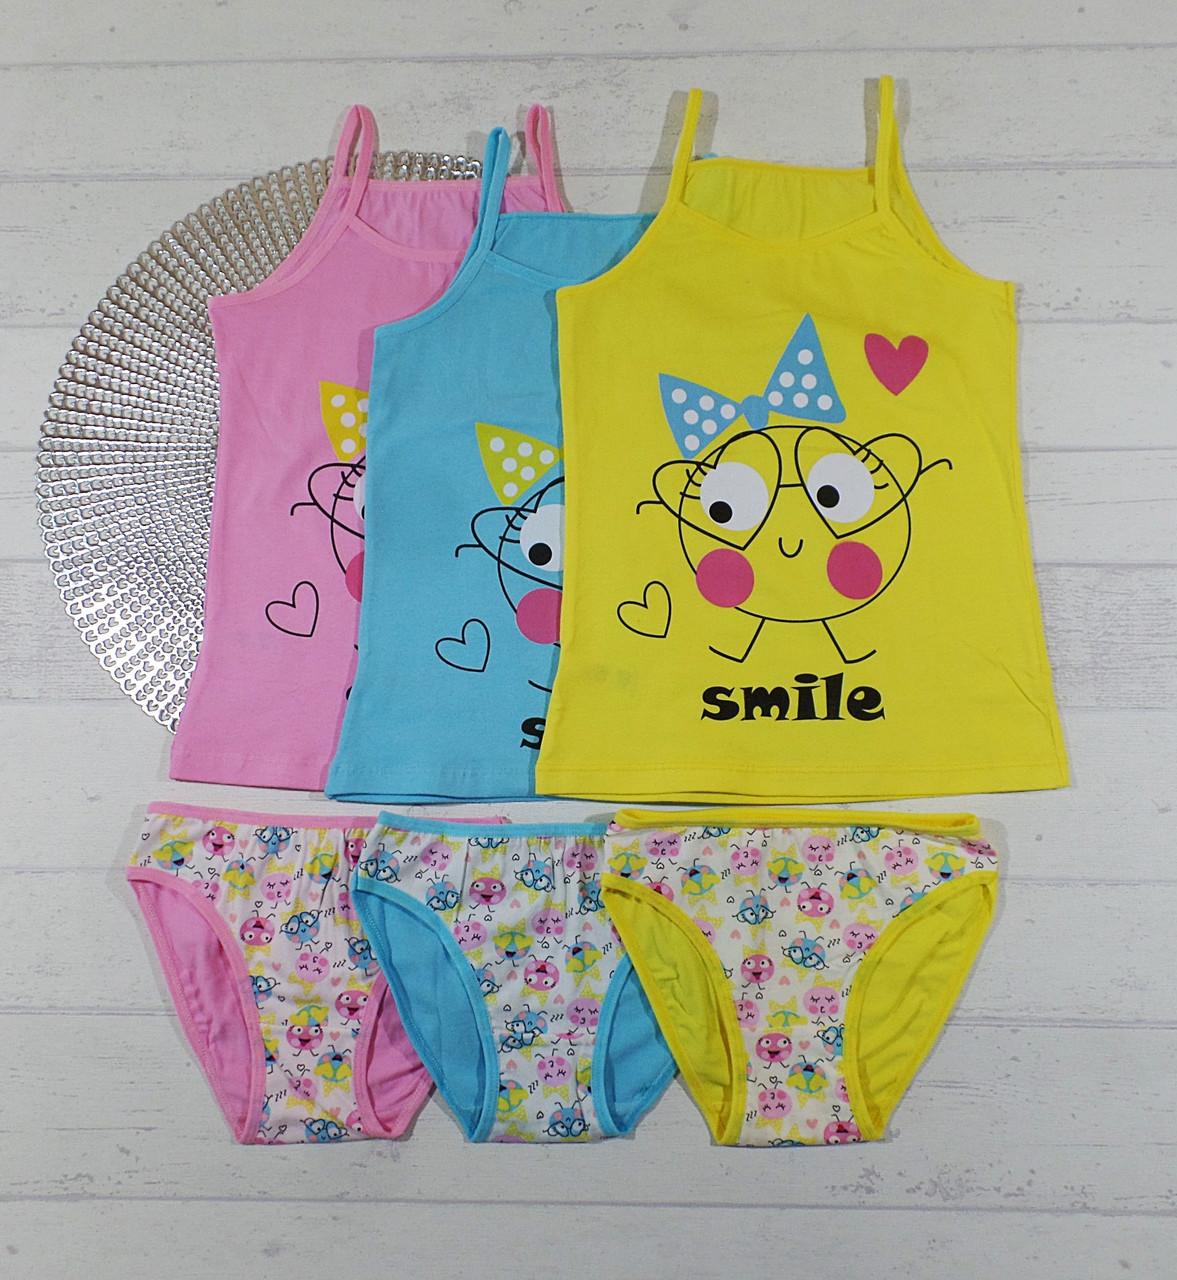 Комплект детского нижнего белья, трусики + майка для девочек 5-6 лет 655816127111